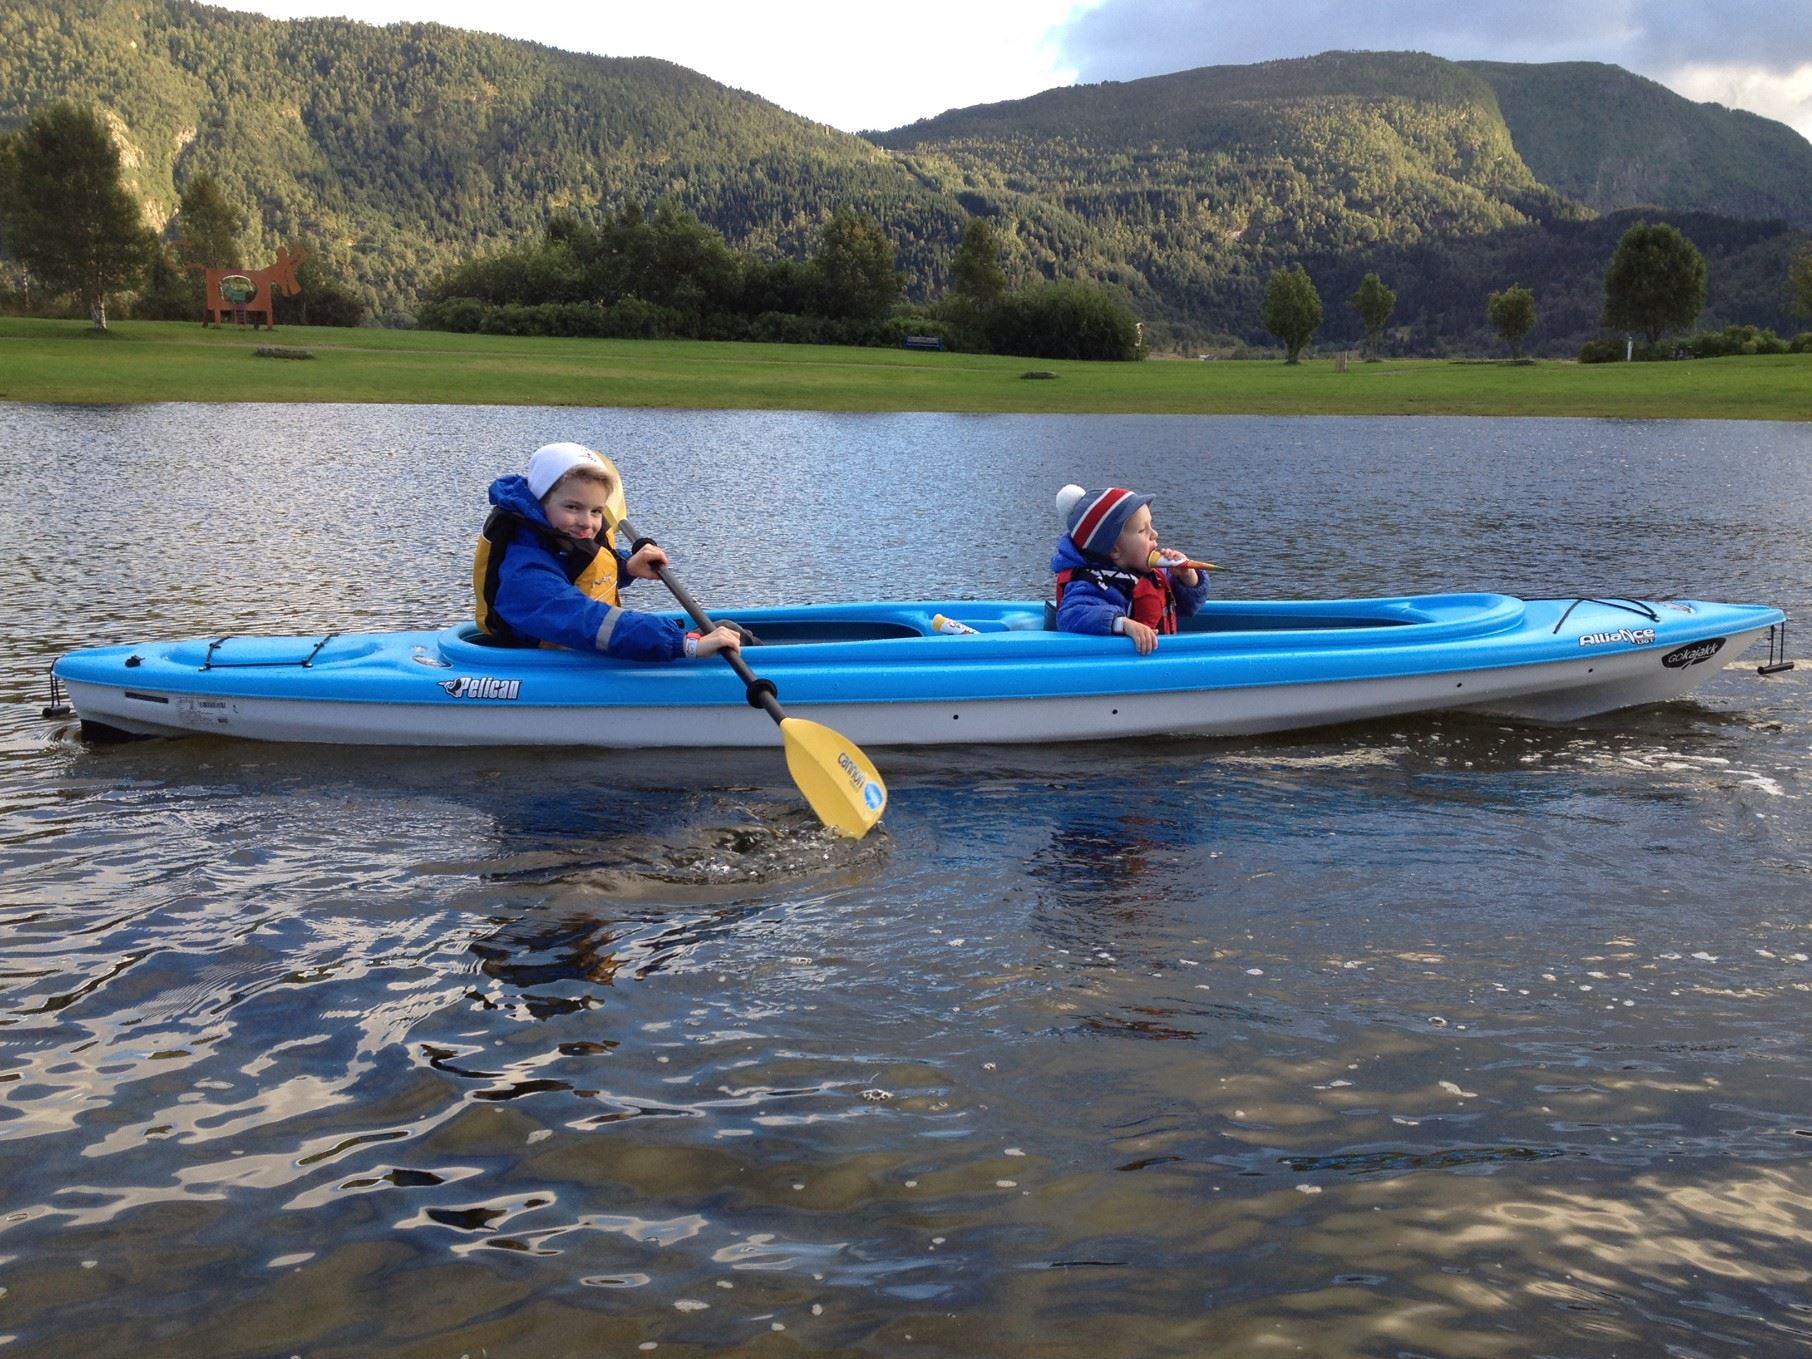 Utleige av kajakk for innsjø-/fjordpadling hos GoKajakk